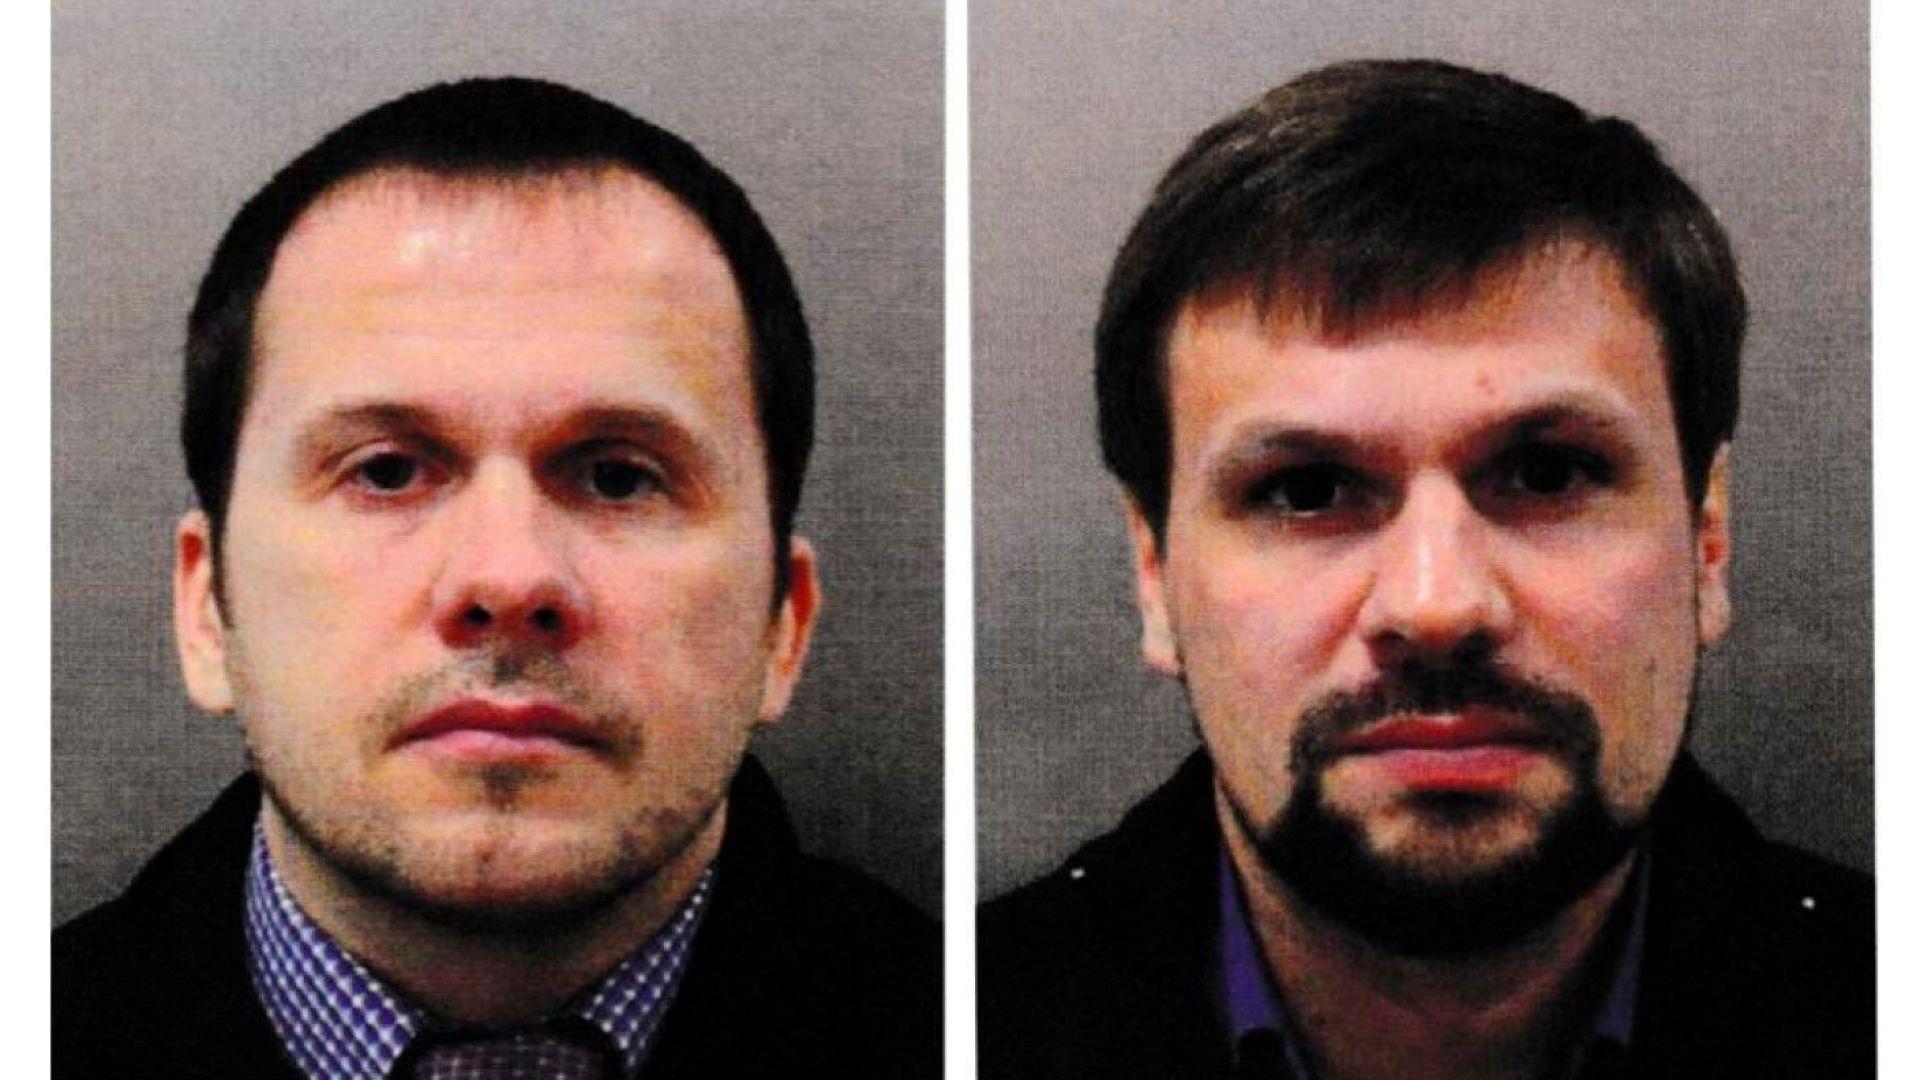 Британското Външно министерство: Изявленията на Петров и Боширов са лъжливи